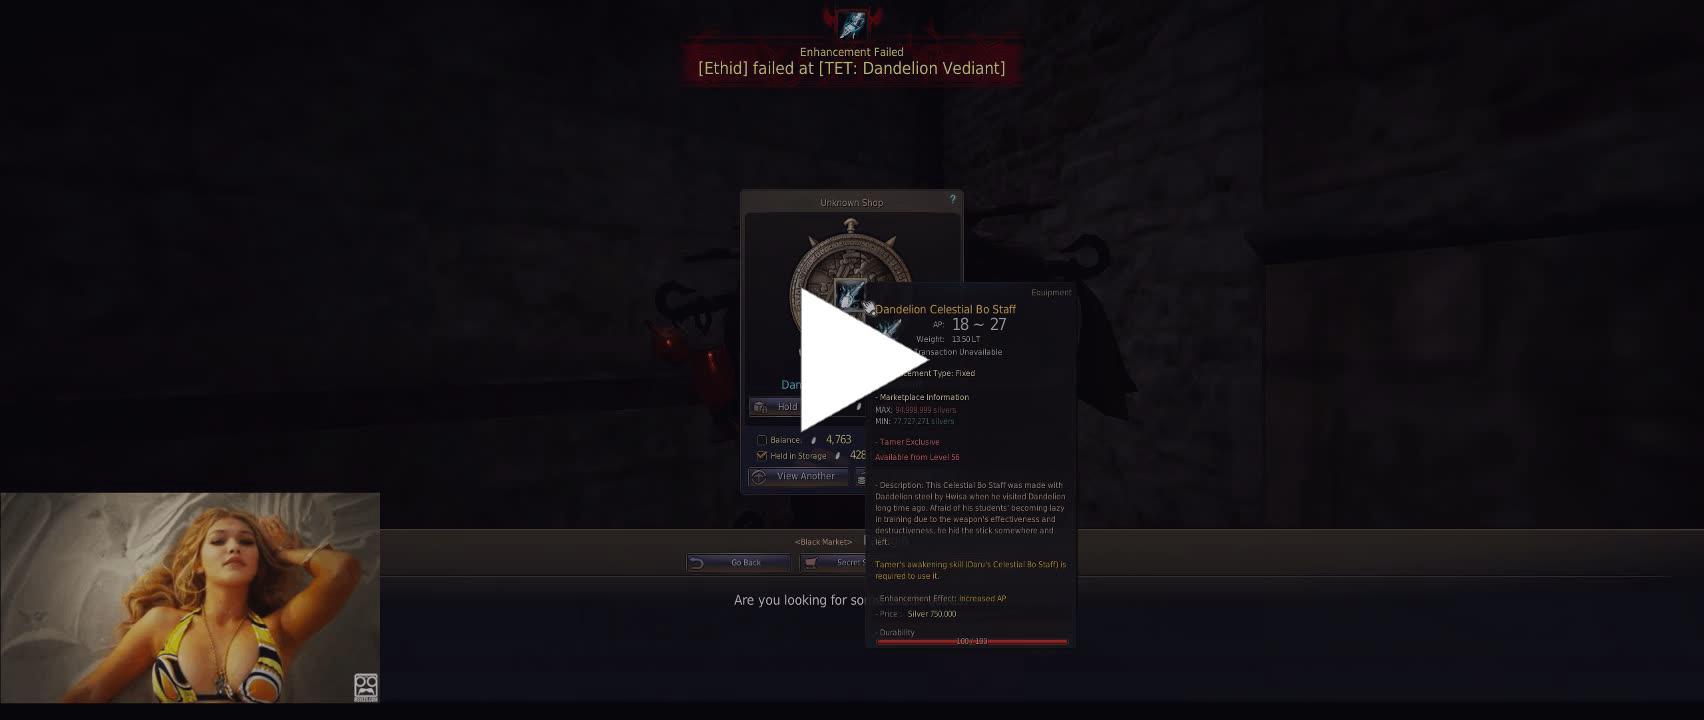 Black desert / DK 59 os segredos revelados - Twitch